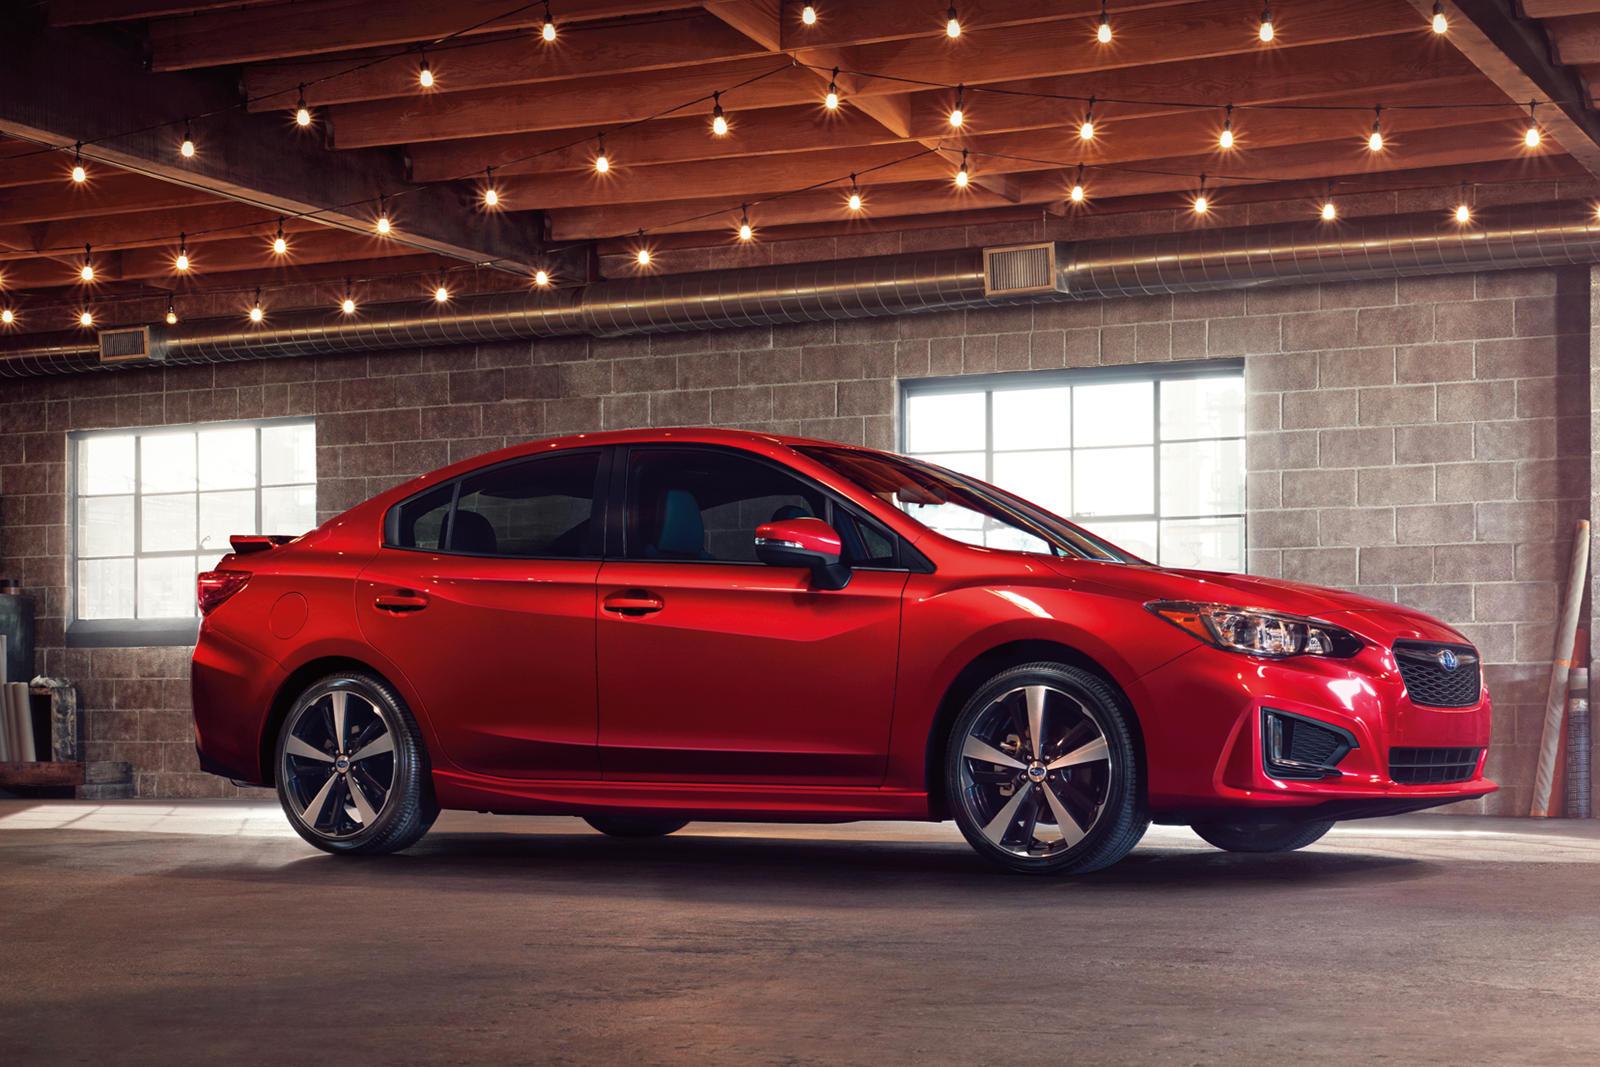 2017-2020 Subaru Impreza Sedan Side View